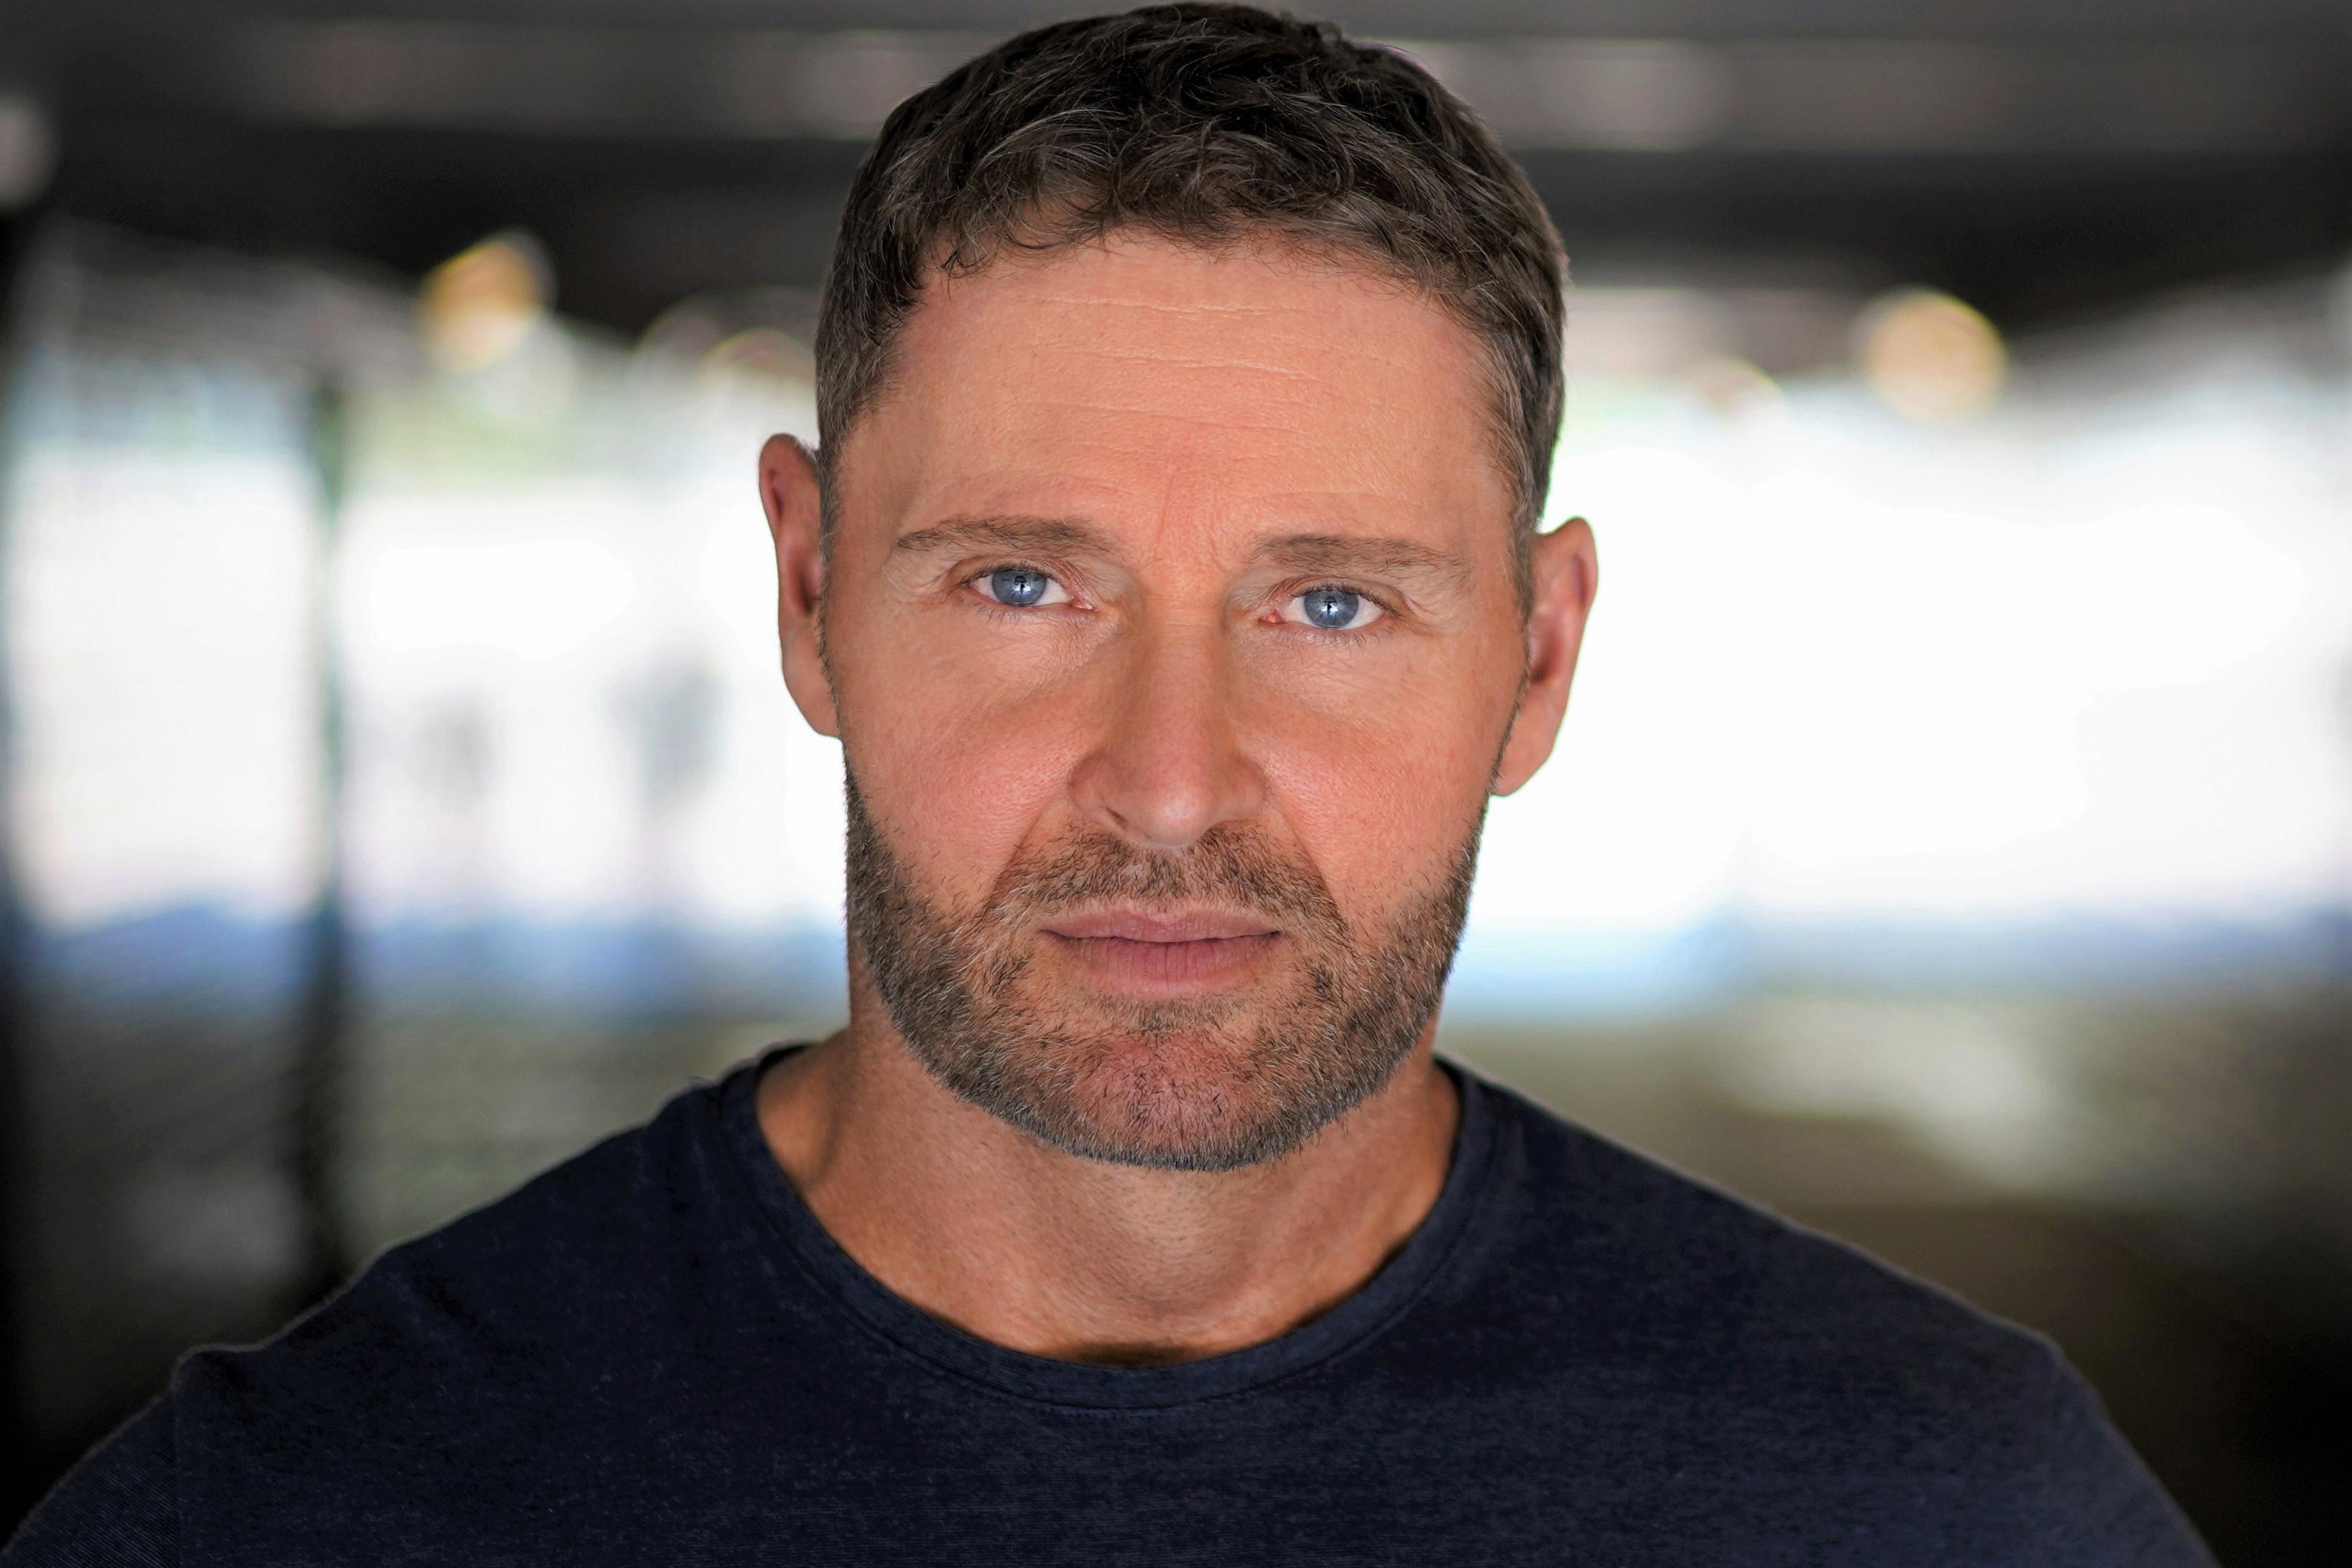 Adrian Bouchet 2019 Headshot